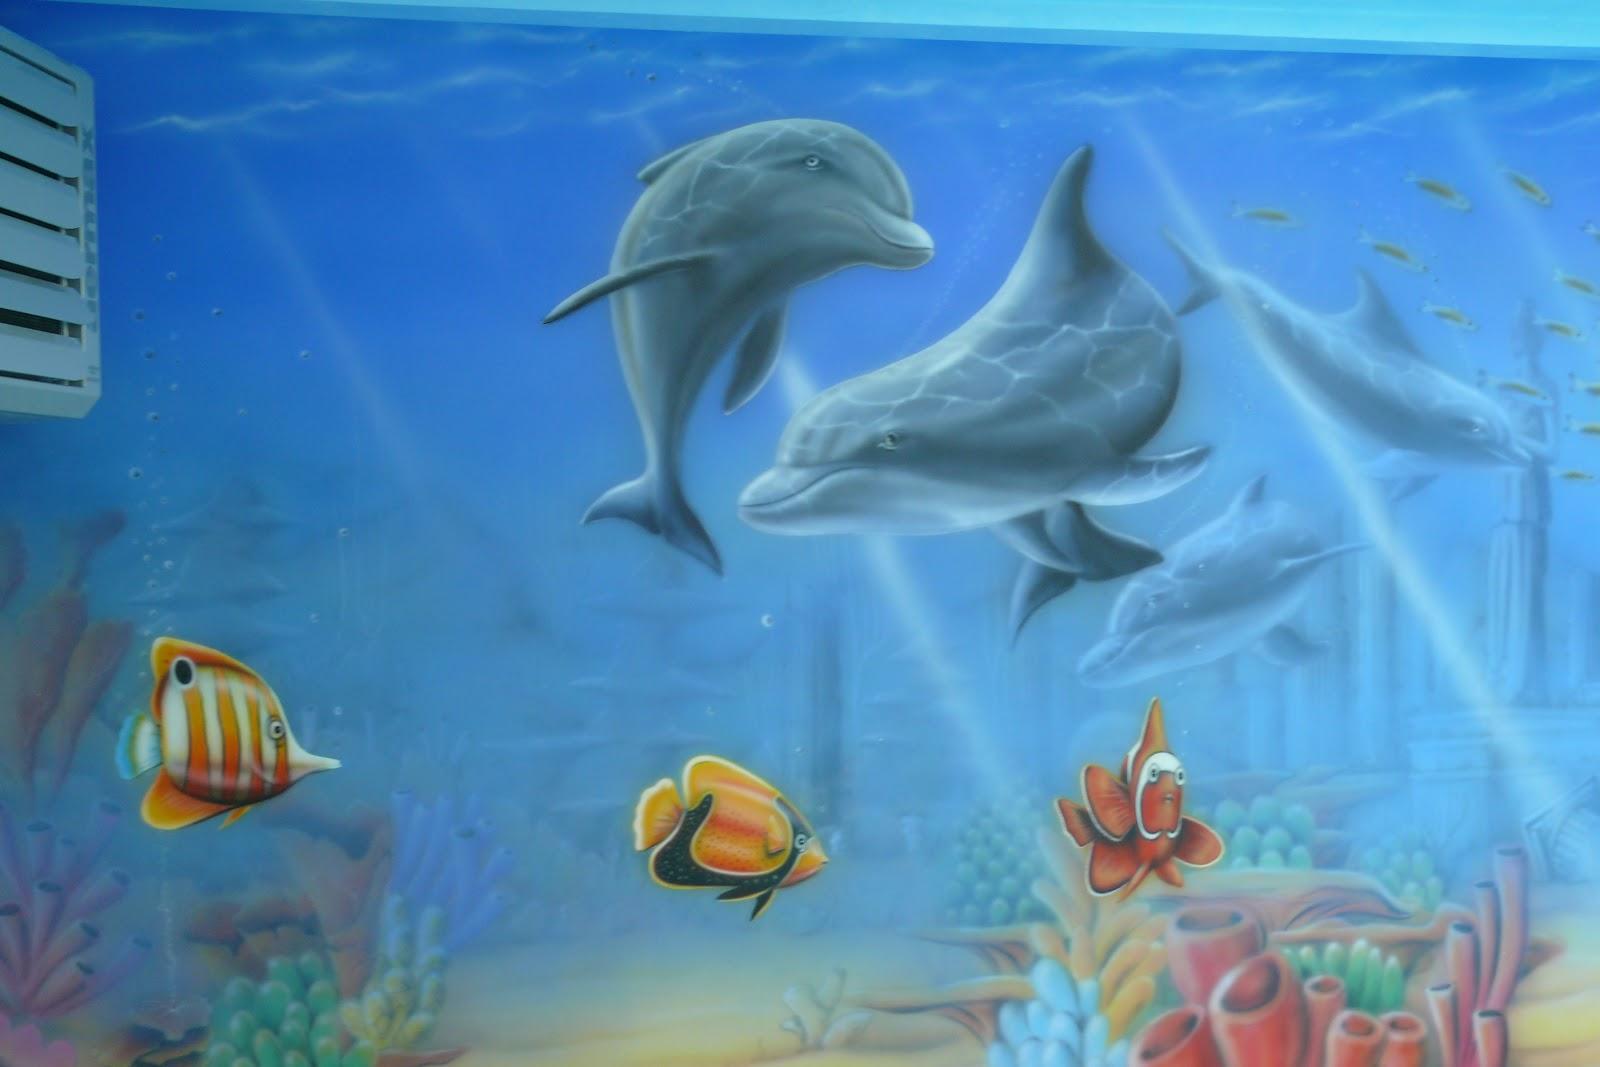 Malowanie ścian na basenie, mural ścienny 3D, malowanie rybek na ścianie